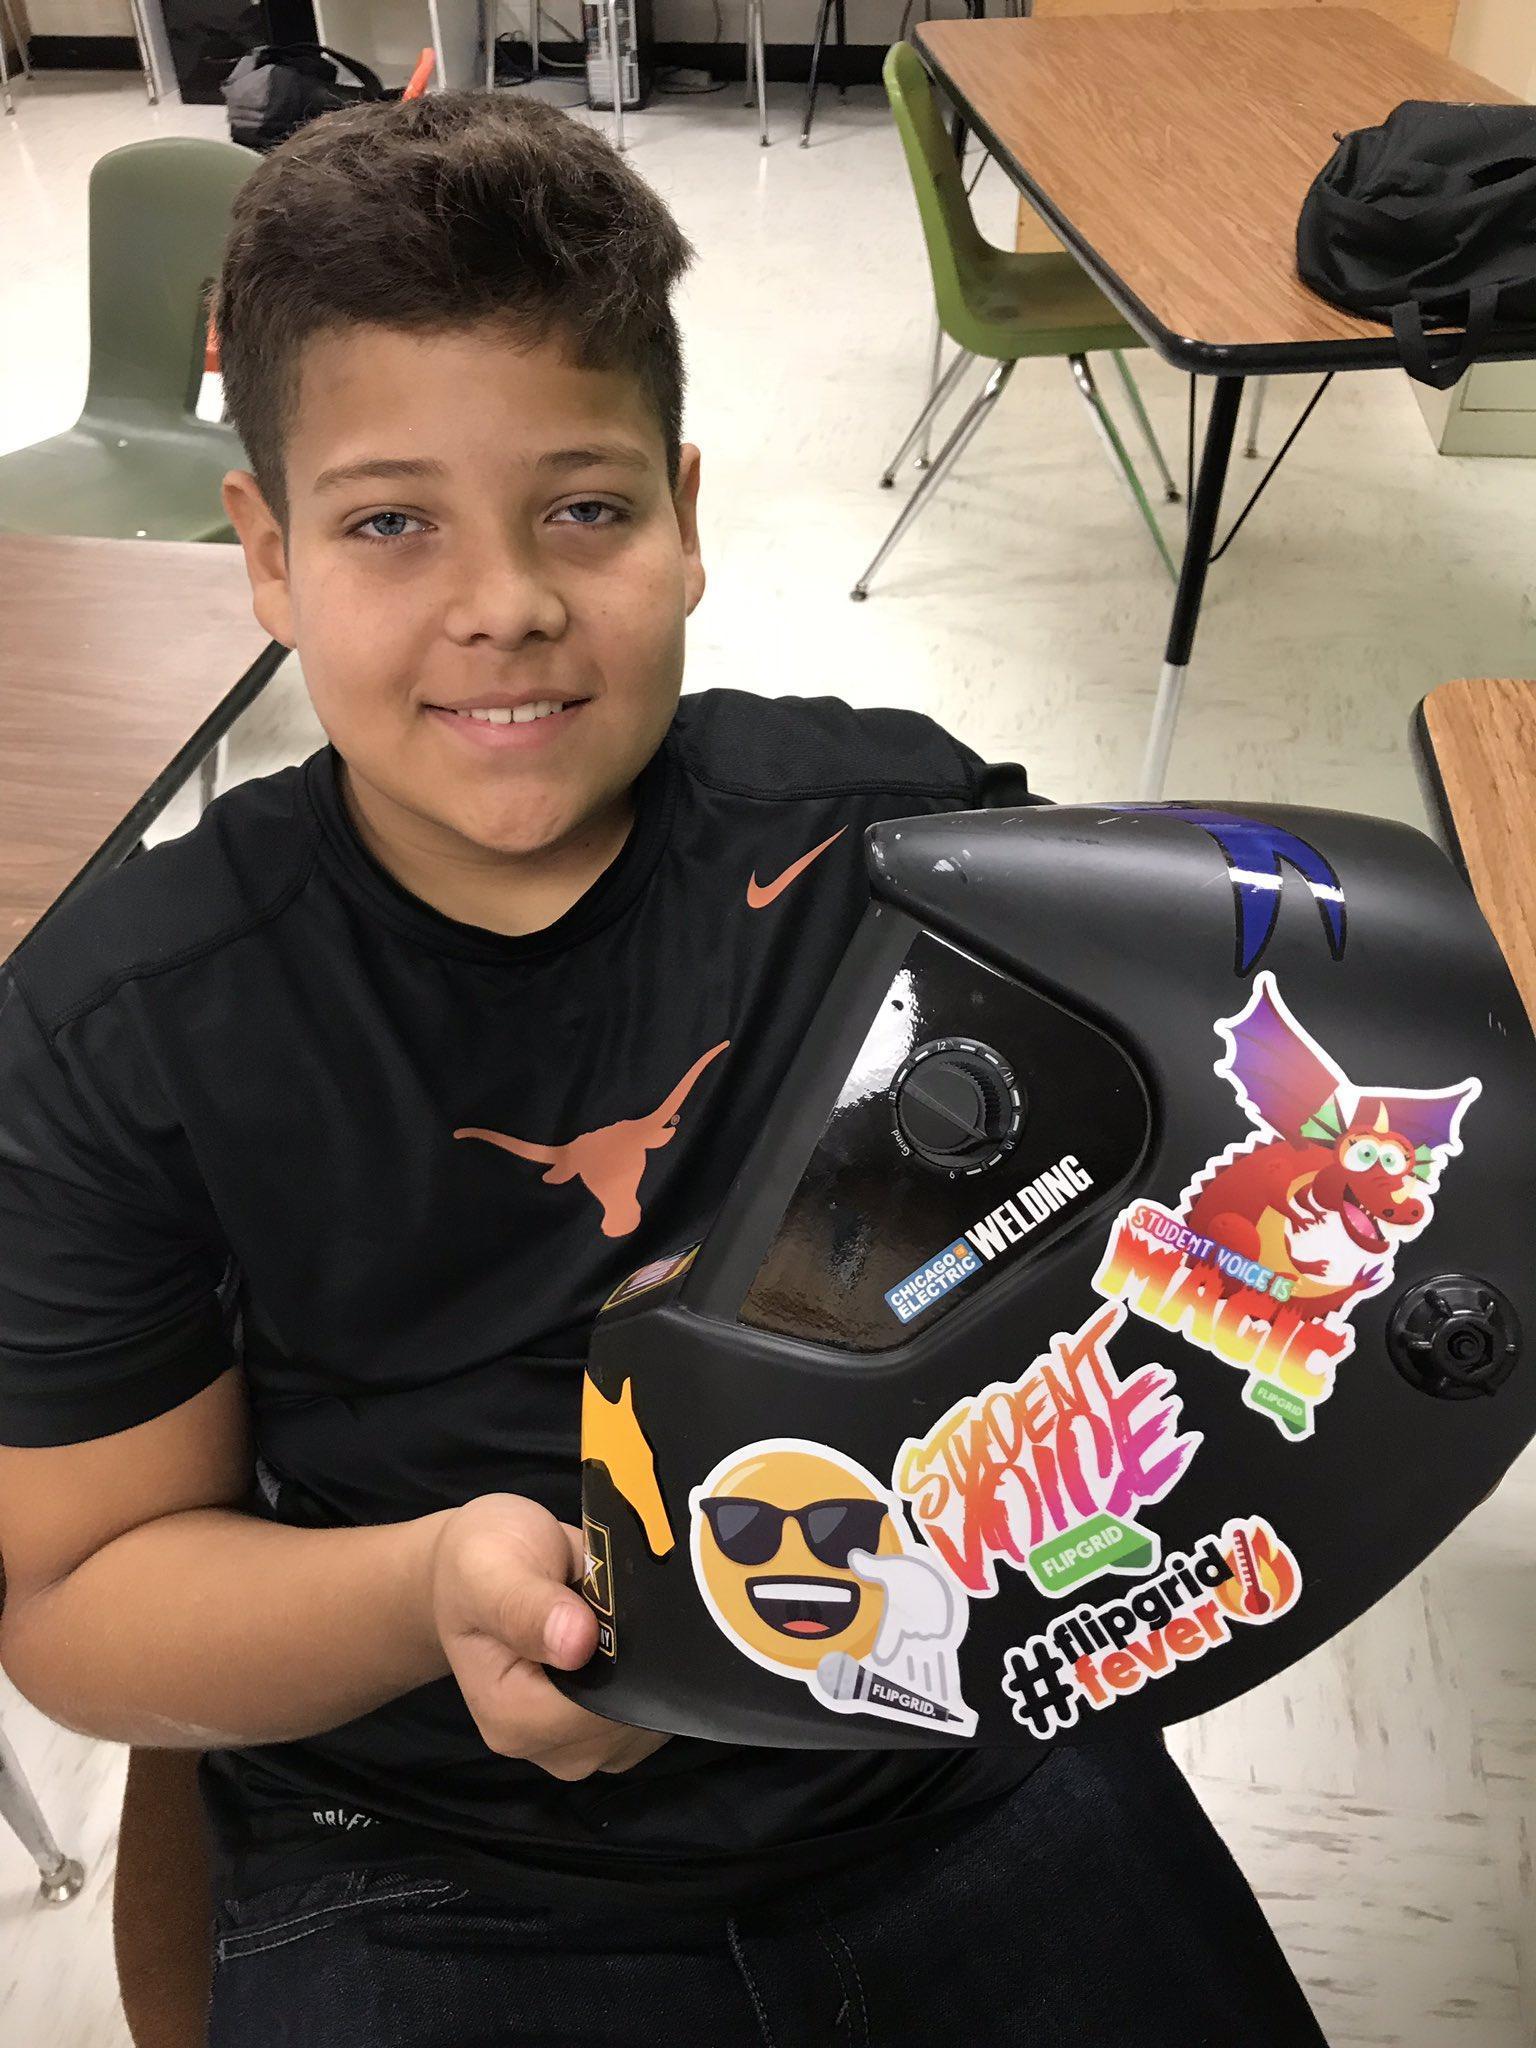 student smiling holding welding helmet